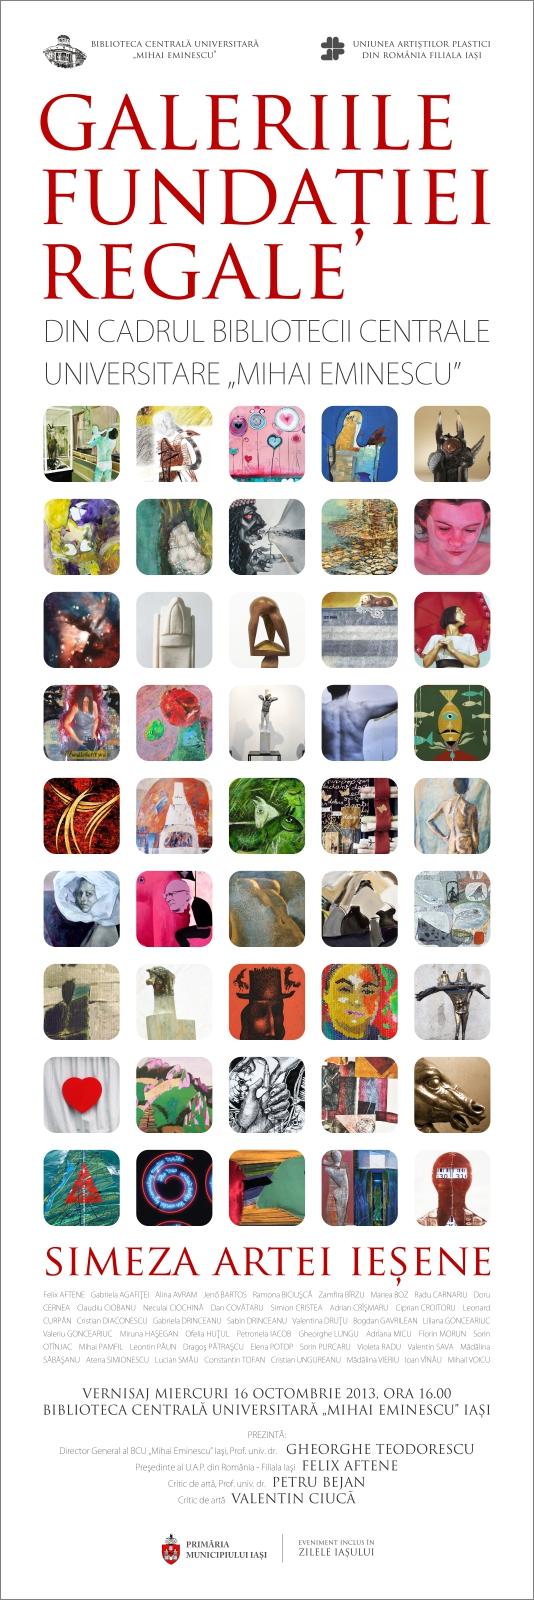 galeriile-fundatiei-regale-biblioteca-centrala-universitara-mihai-emisceu-iasi-simeza-artei-iesene-afis-iasi-2013